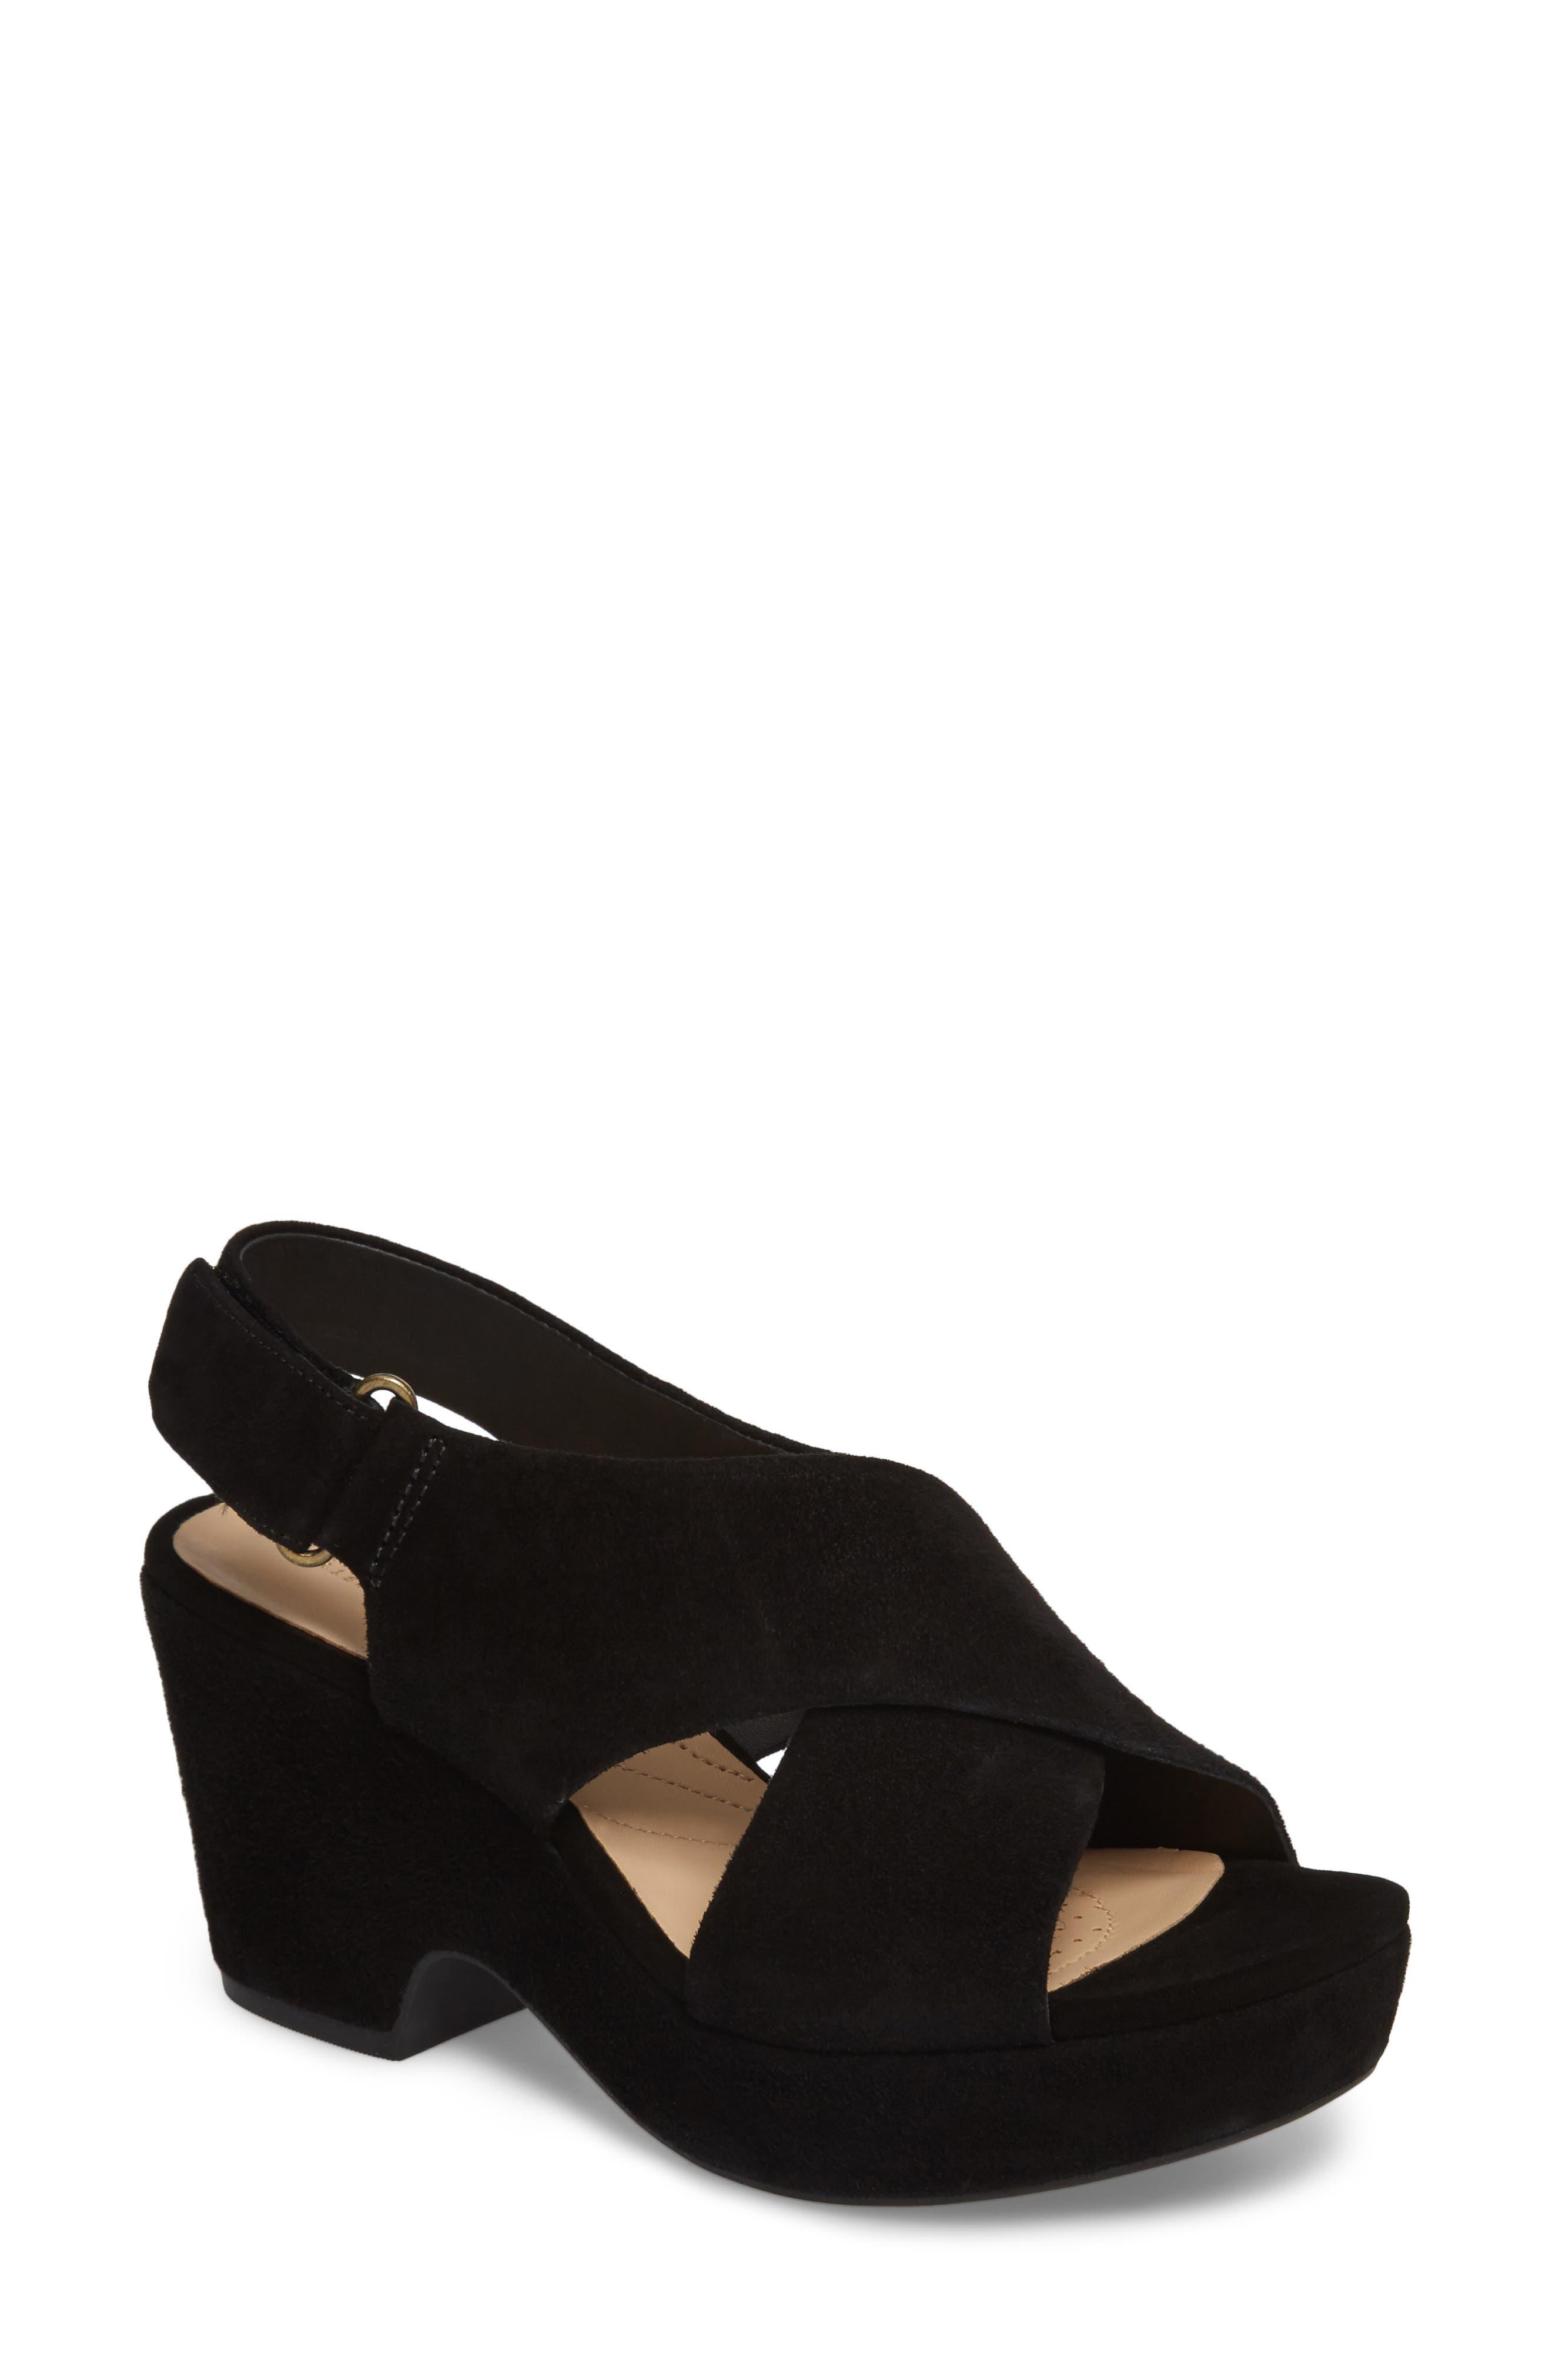 Maritsa Lara Slingback Sandal,                         Main,                         color, BLACK SUEDE